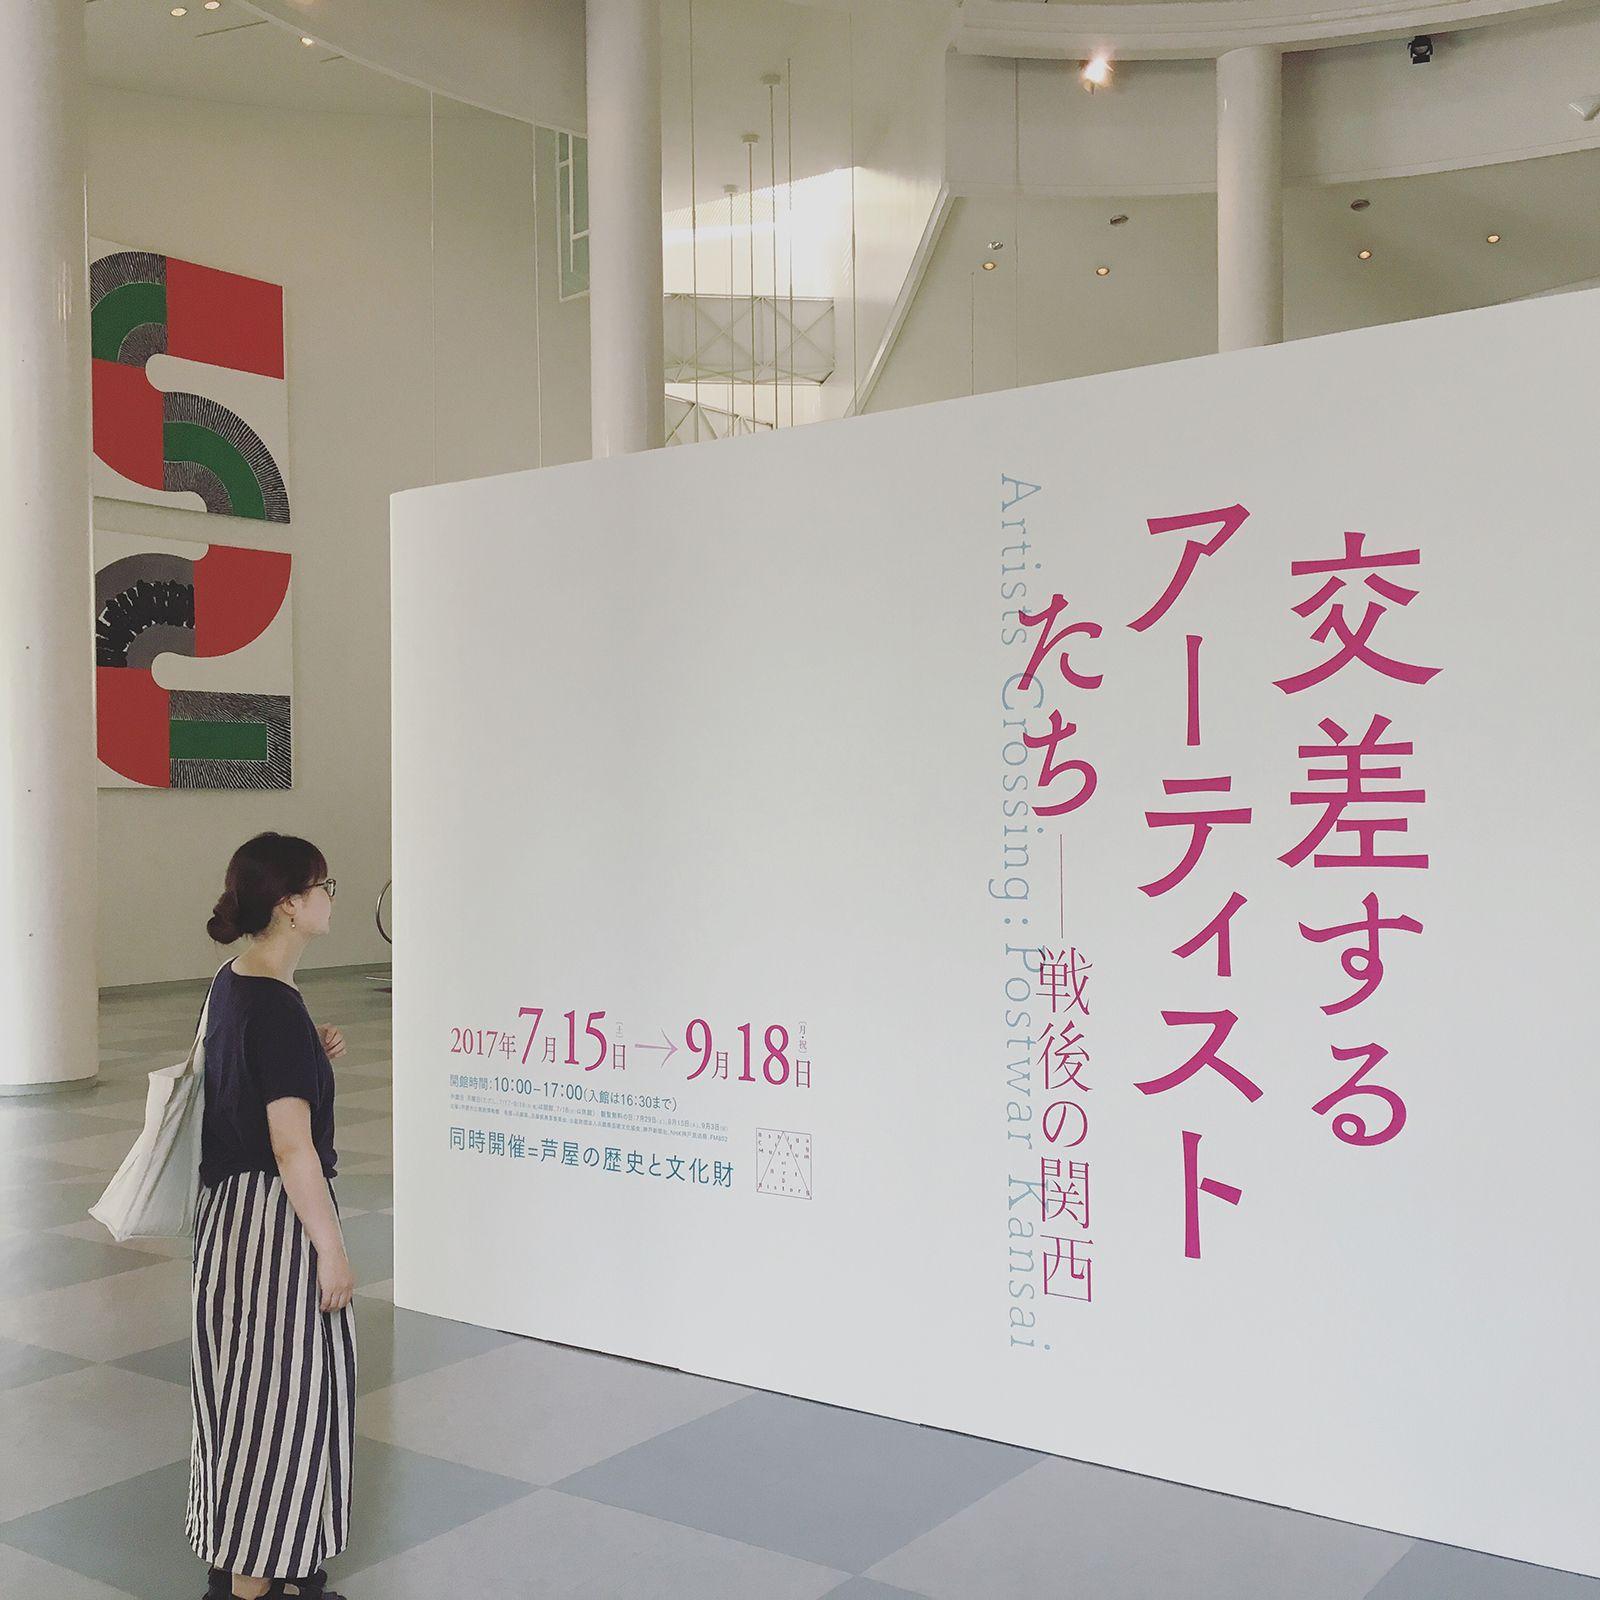 市立 博物館 芦屋 美術